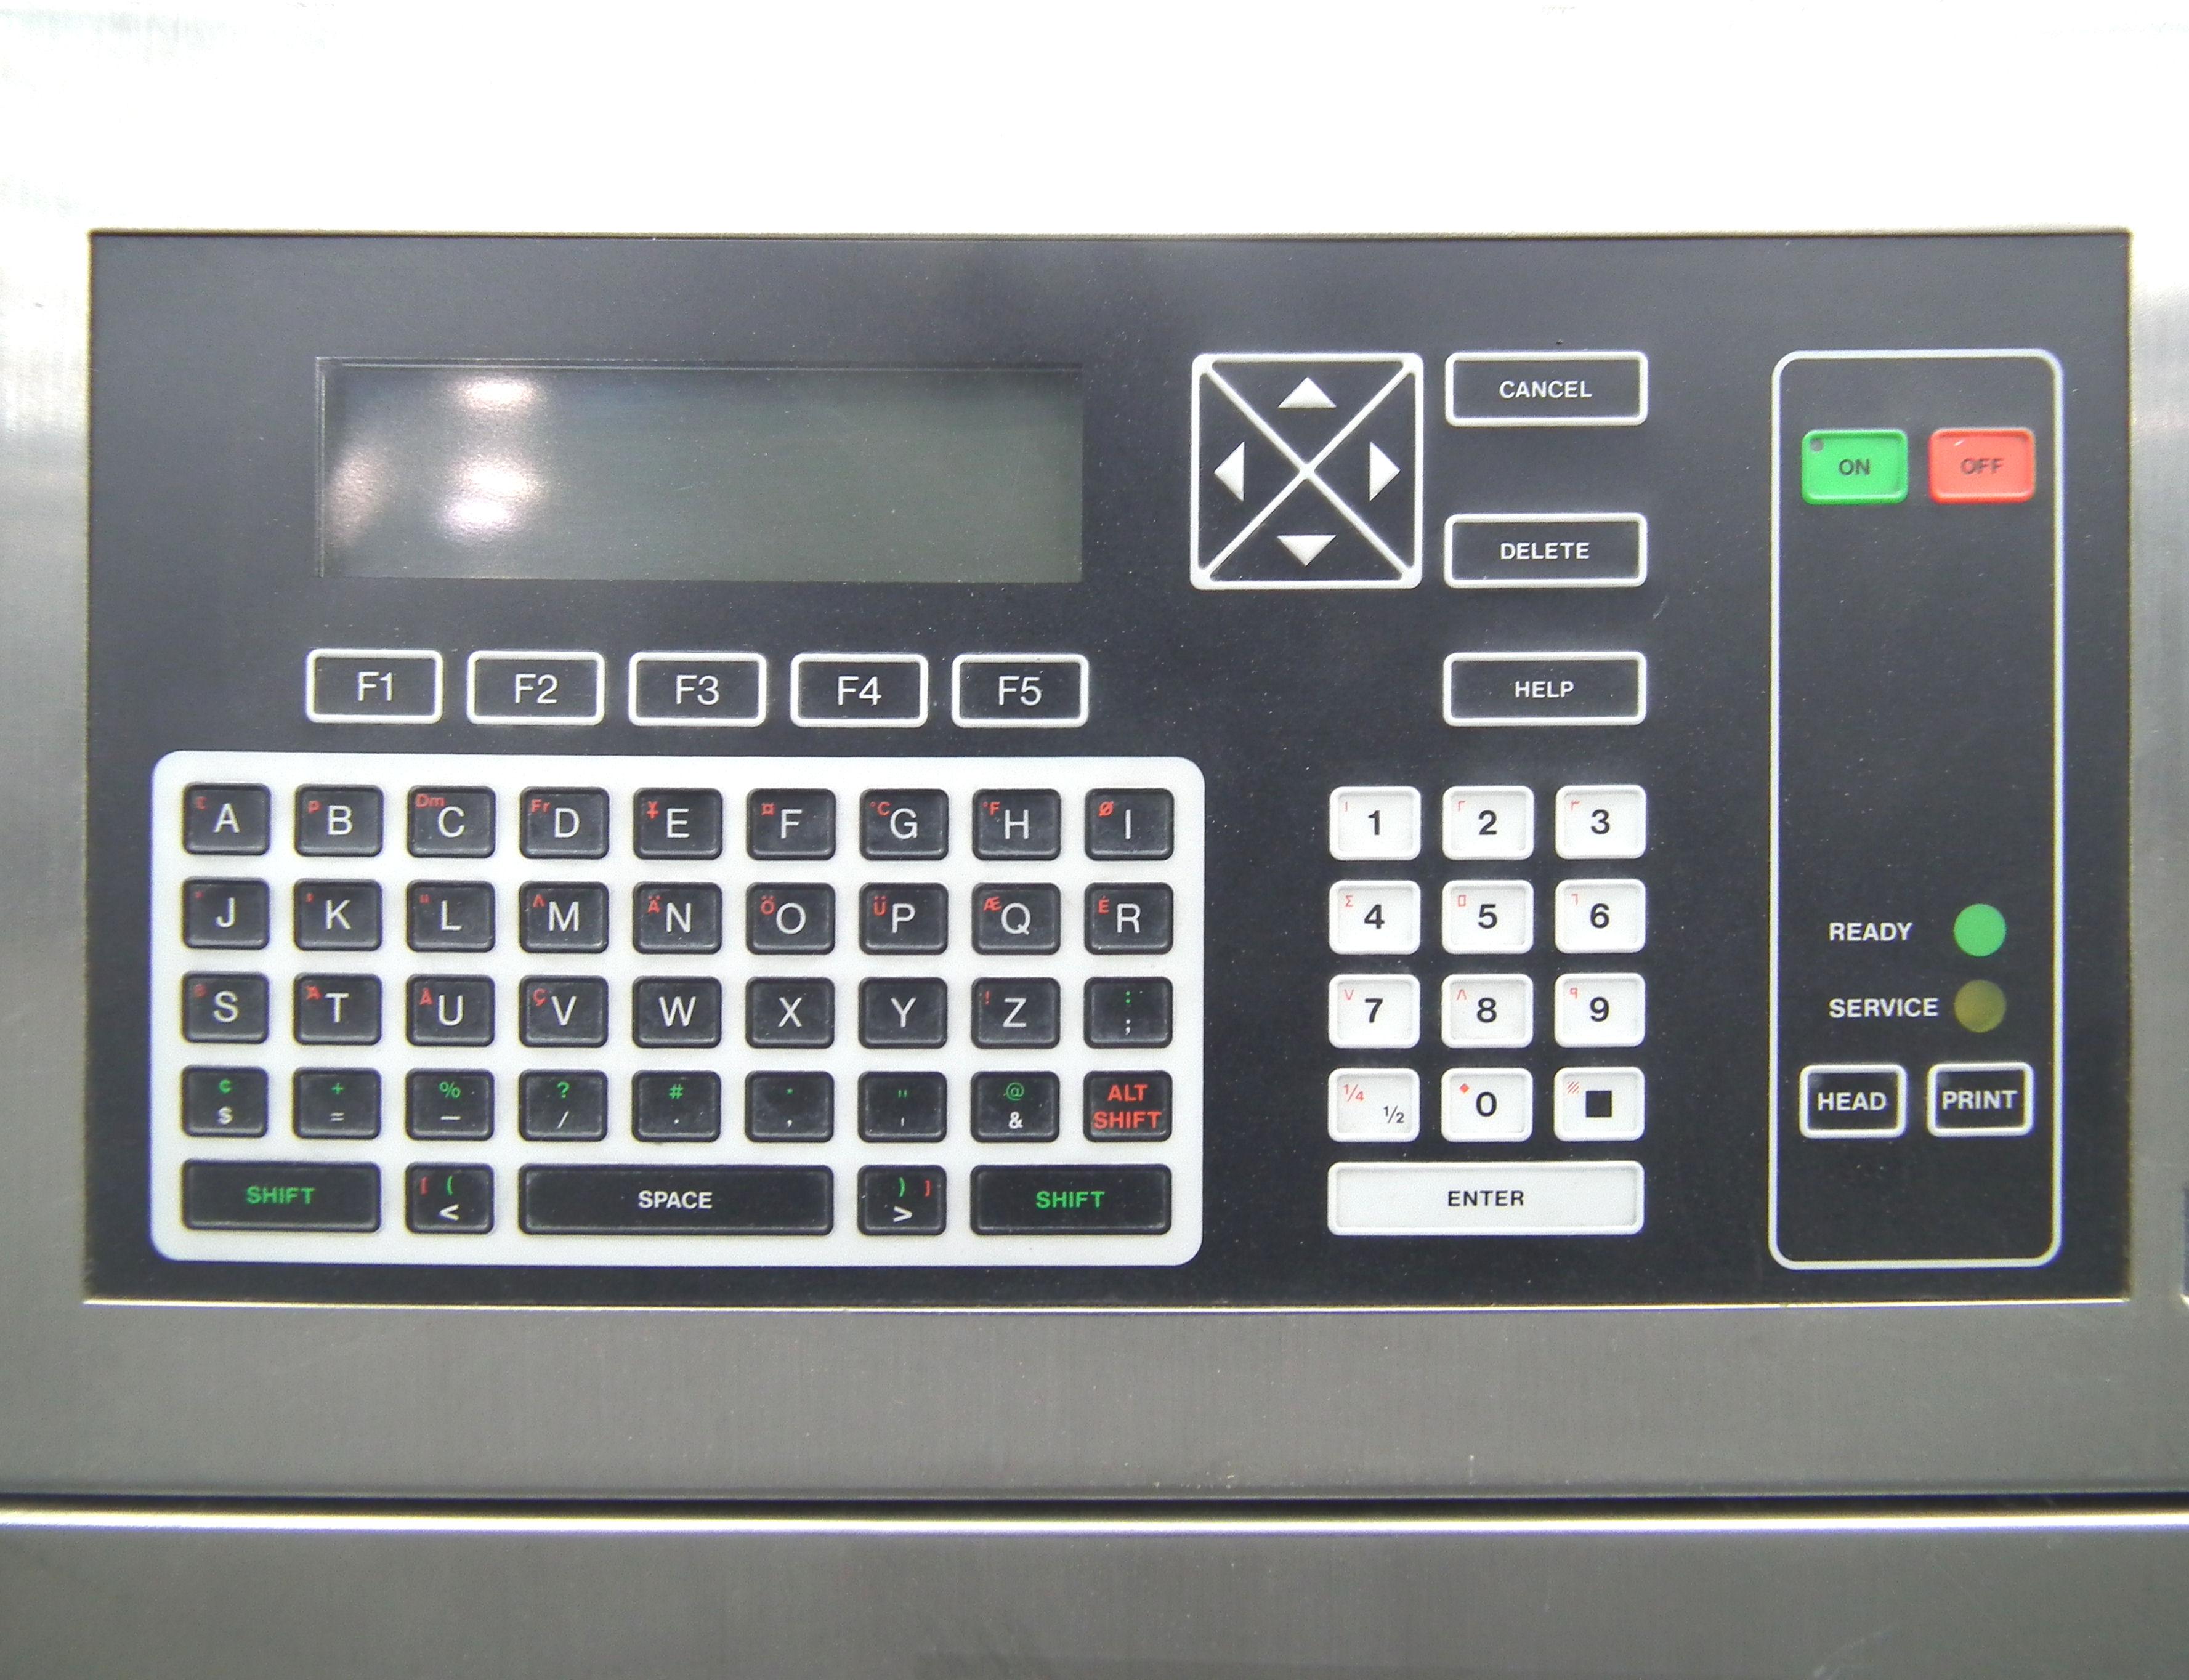 VideoJet Excel 170i Single Nozzle Ink Jet Coder A9284 - Image 4 of 9